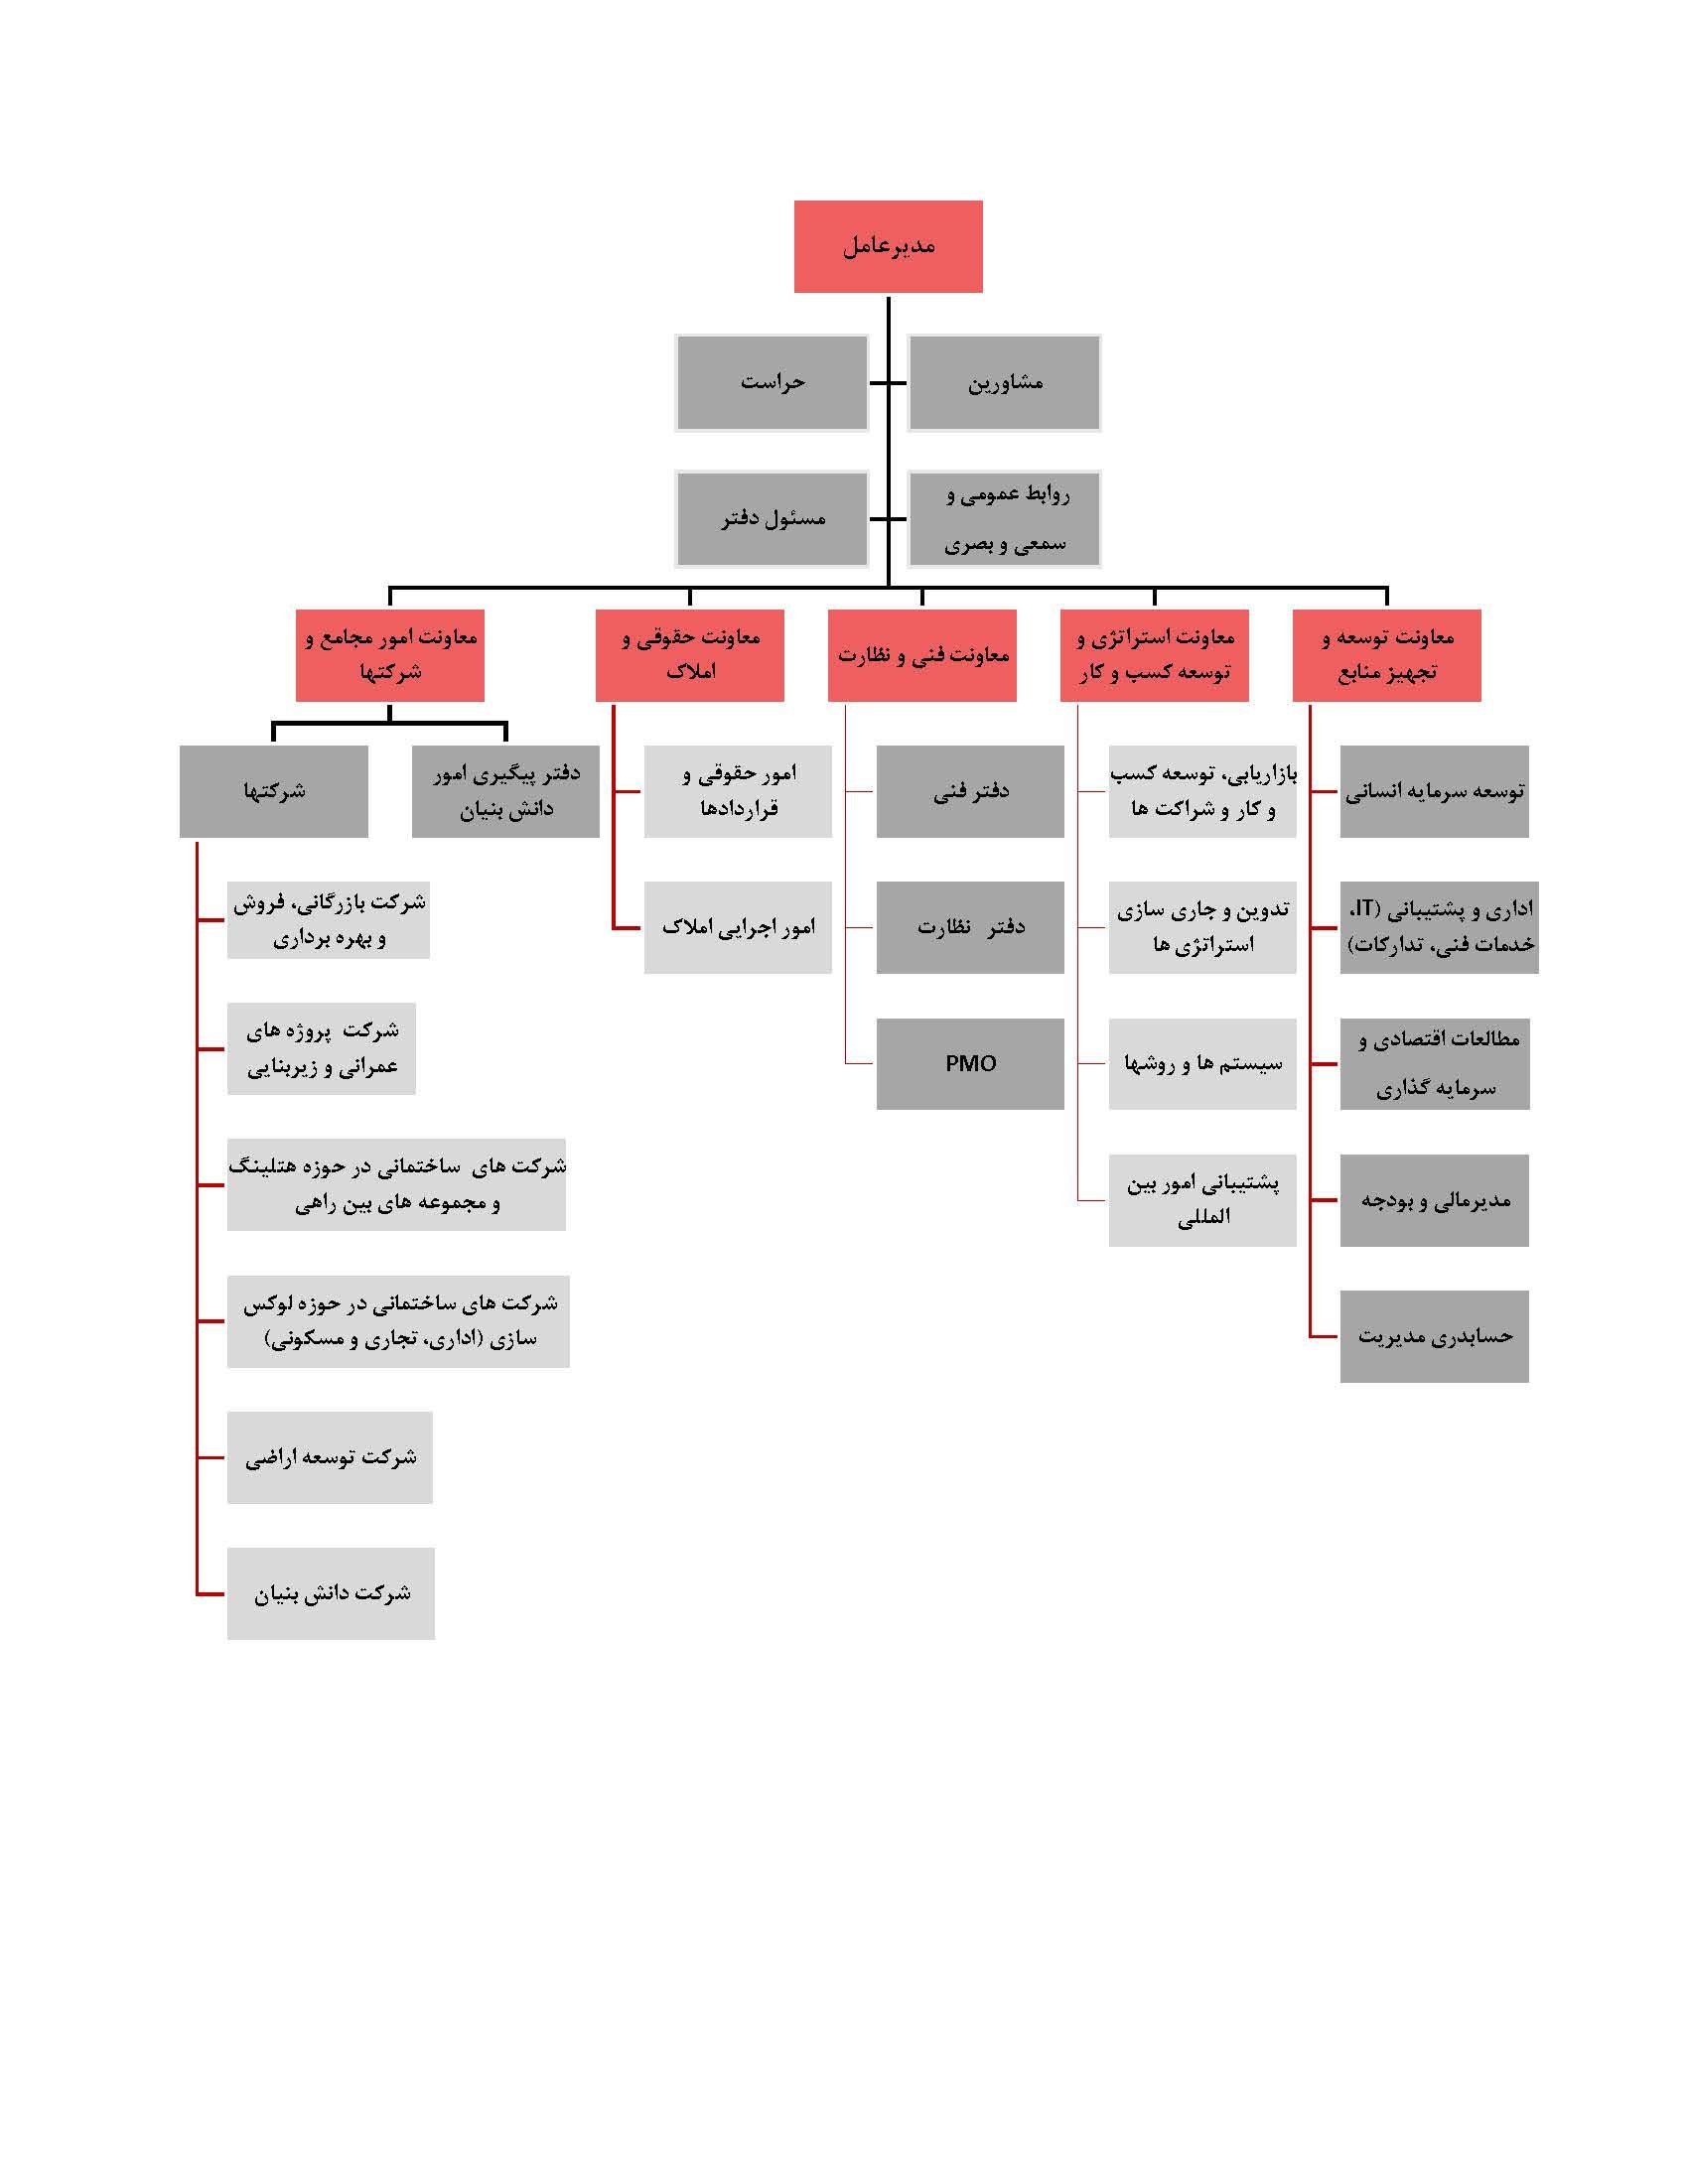 چارت سازمانی هلدینگ تراز پی ریز